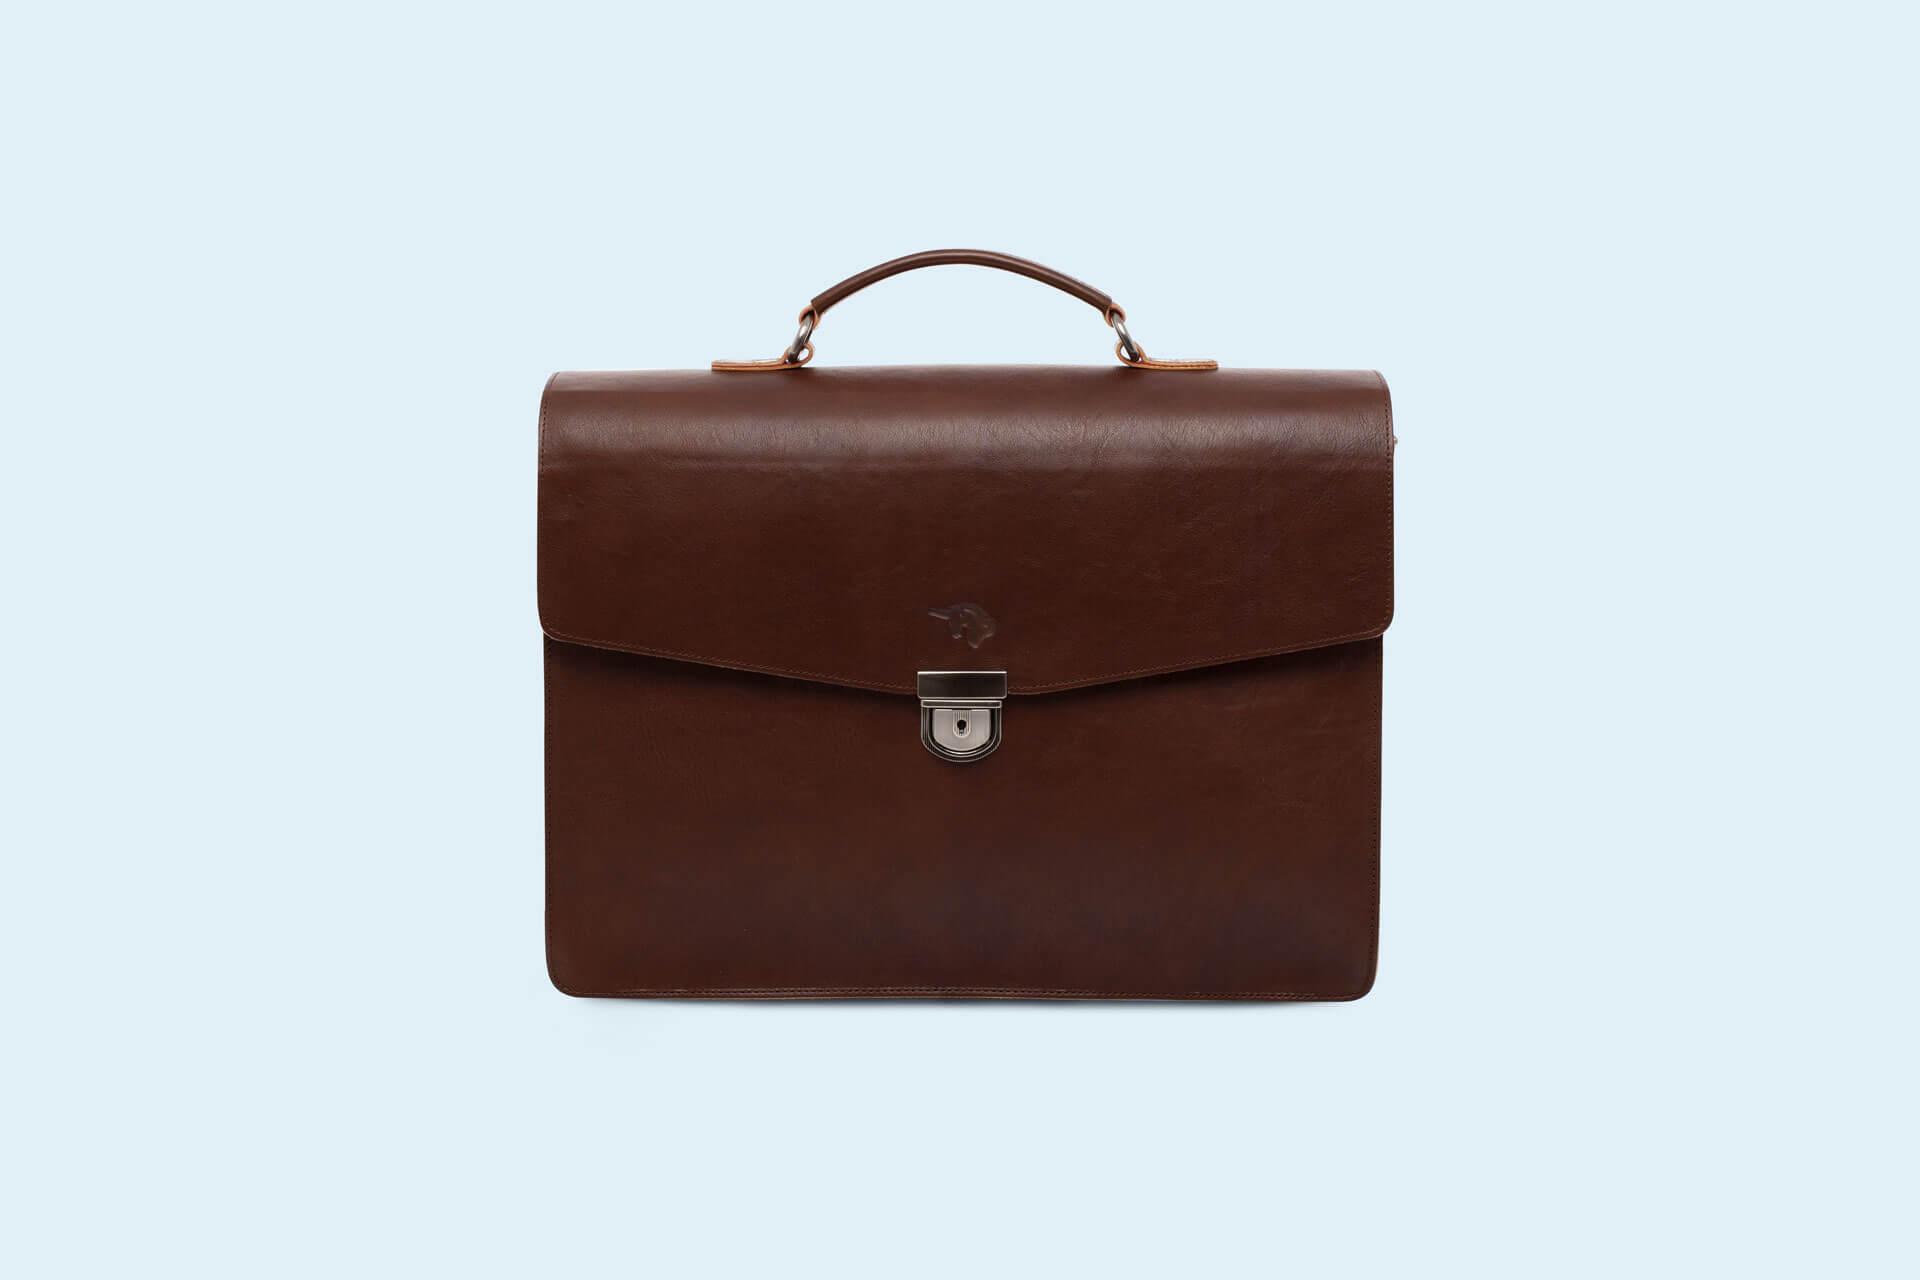 26a1e4a397ca Skórzana teczka biznesowa - SLOW Business brown red